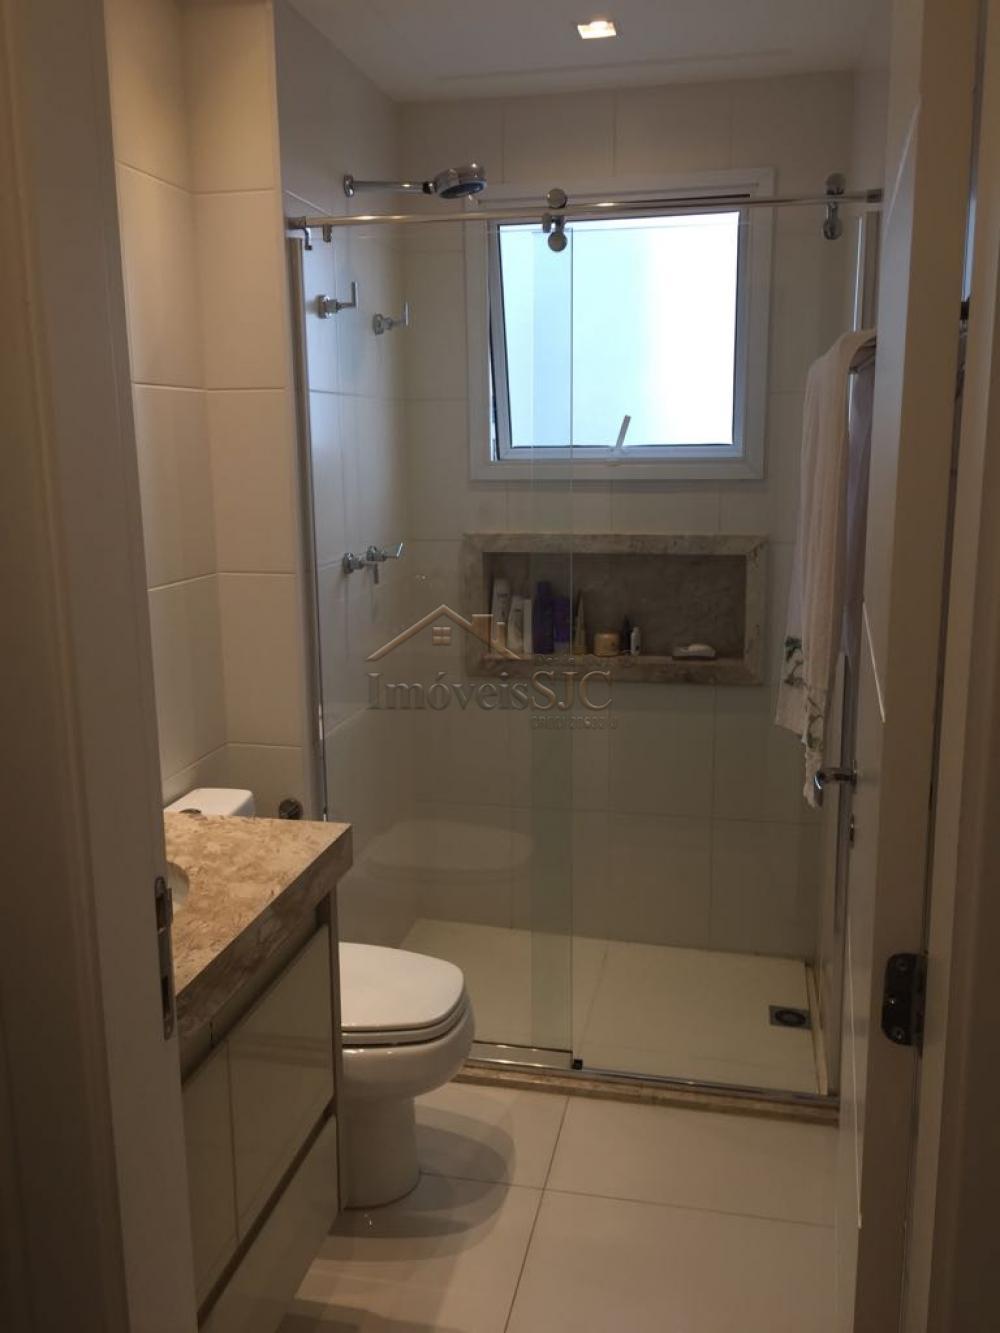 Alugar Apartamentos / Padrão em São José dos Campos apenas R$ 6.500,00 - Foto 13